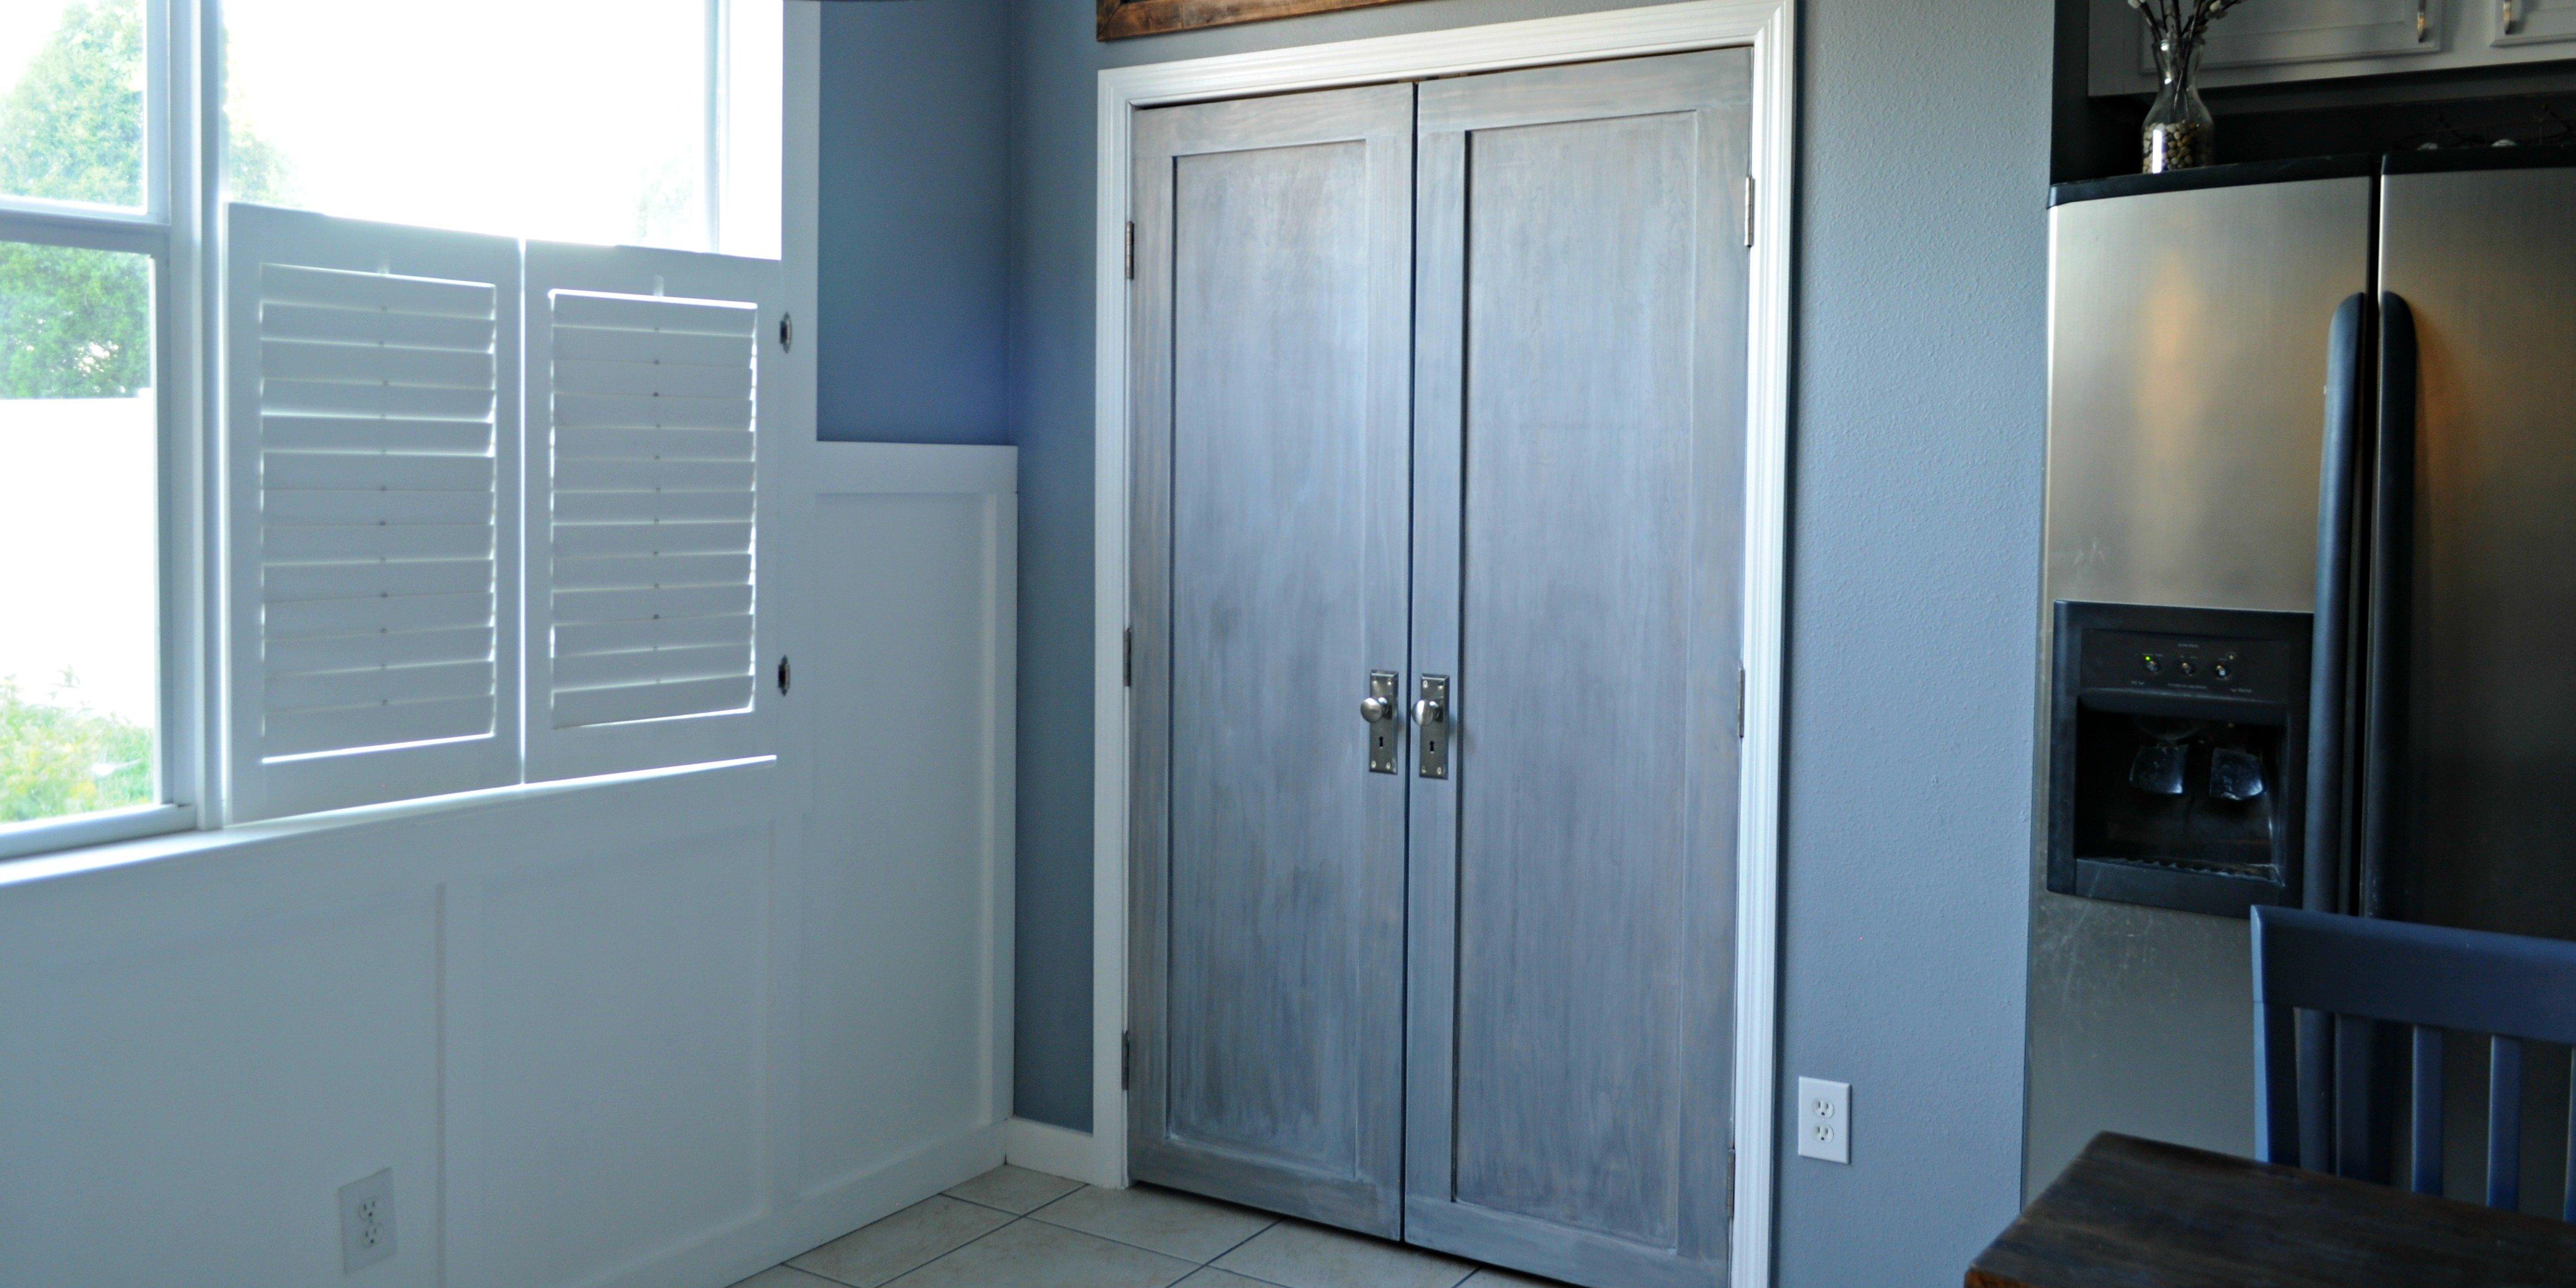 Remodelaholic Bifold Door Makeover Into French Doors